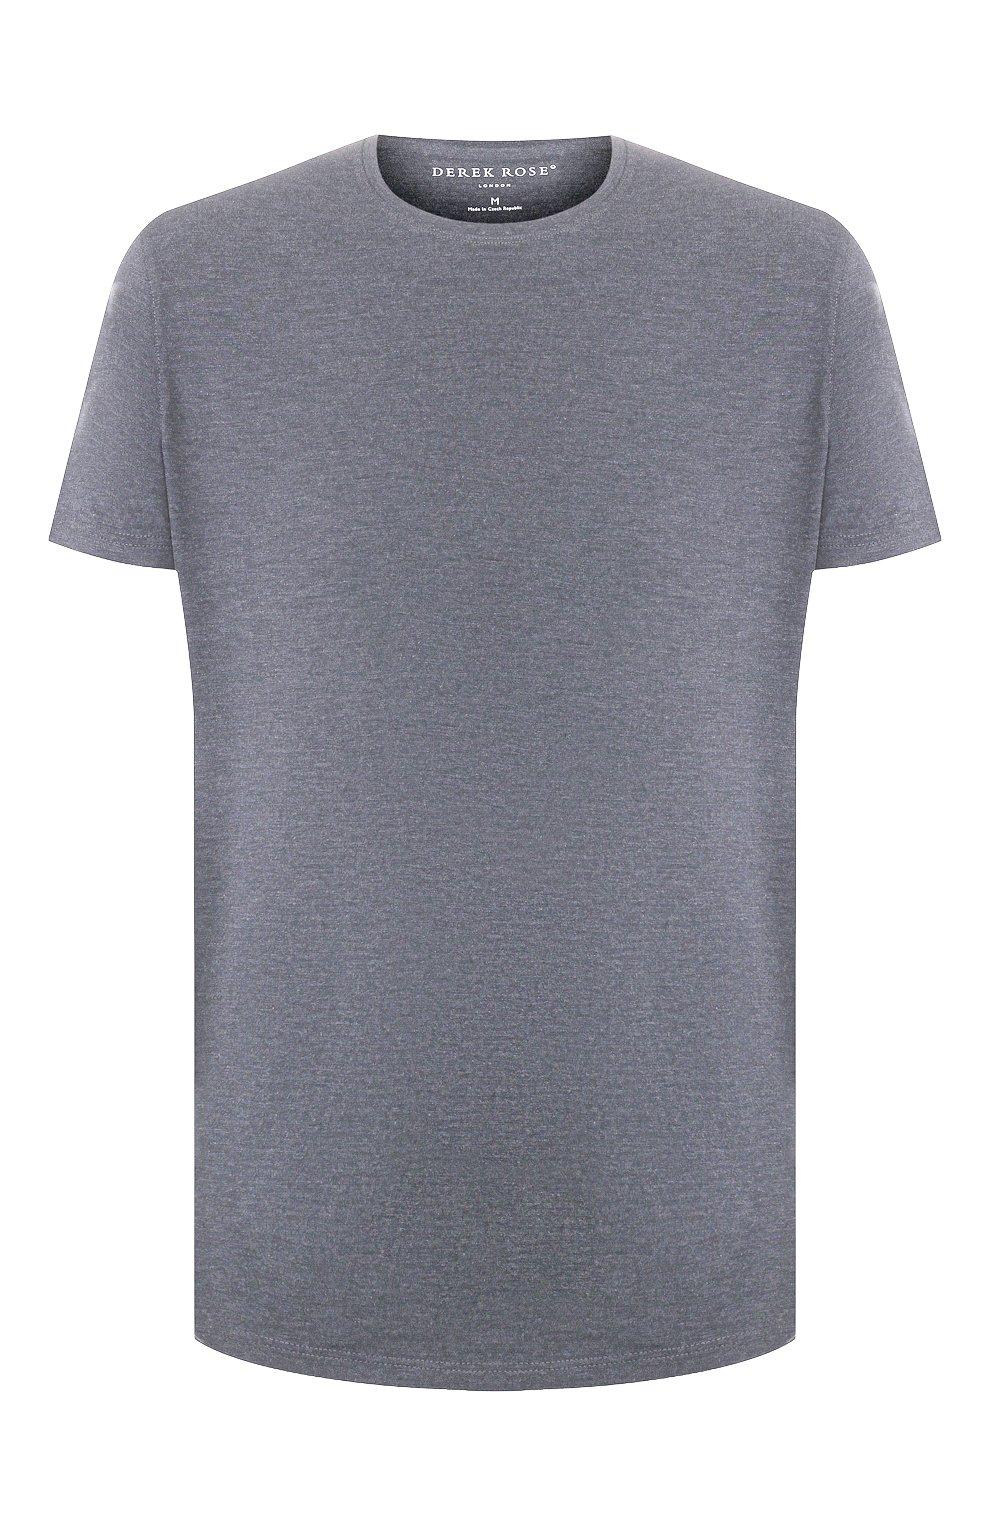 Мужская футболка DEREK ROSE серого цвета, арт. 3048-MARL001 | Фото 1